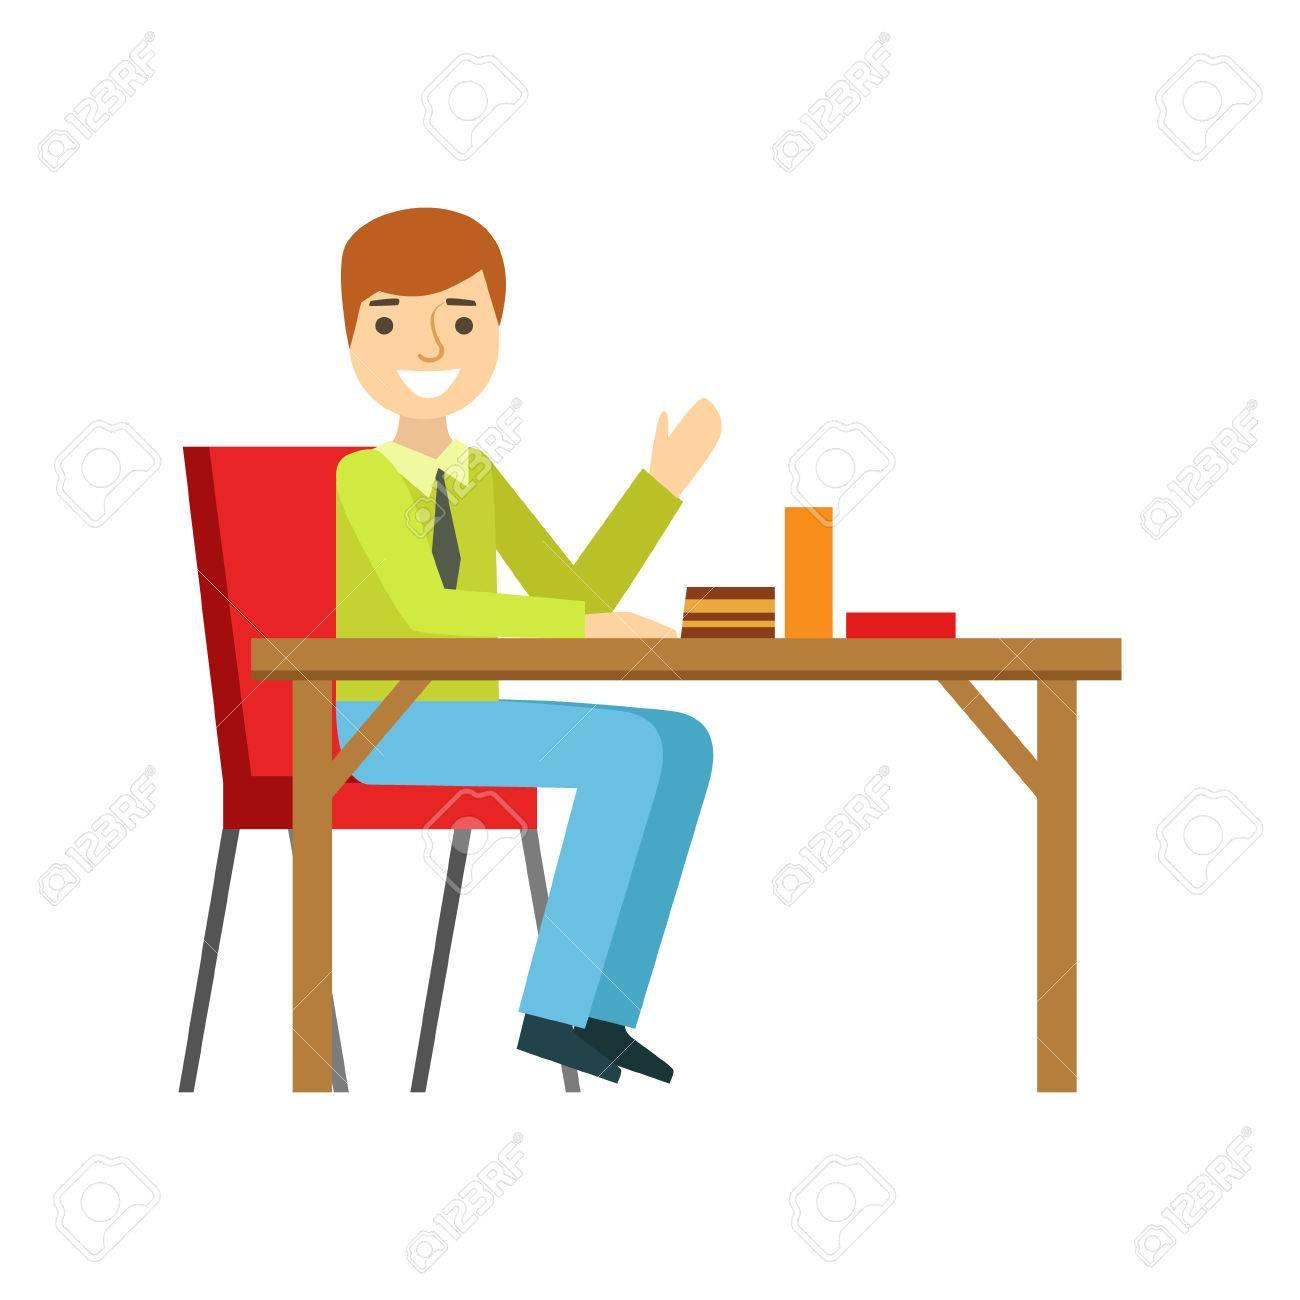 Man Allein Am Tisch Essen Kuchen, Person Lächeln Ein Dessert In Süßen  Gebäck Cafe Vector